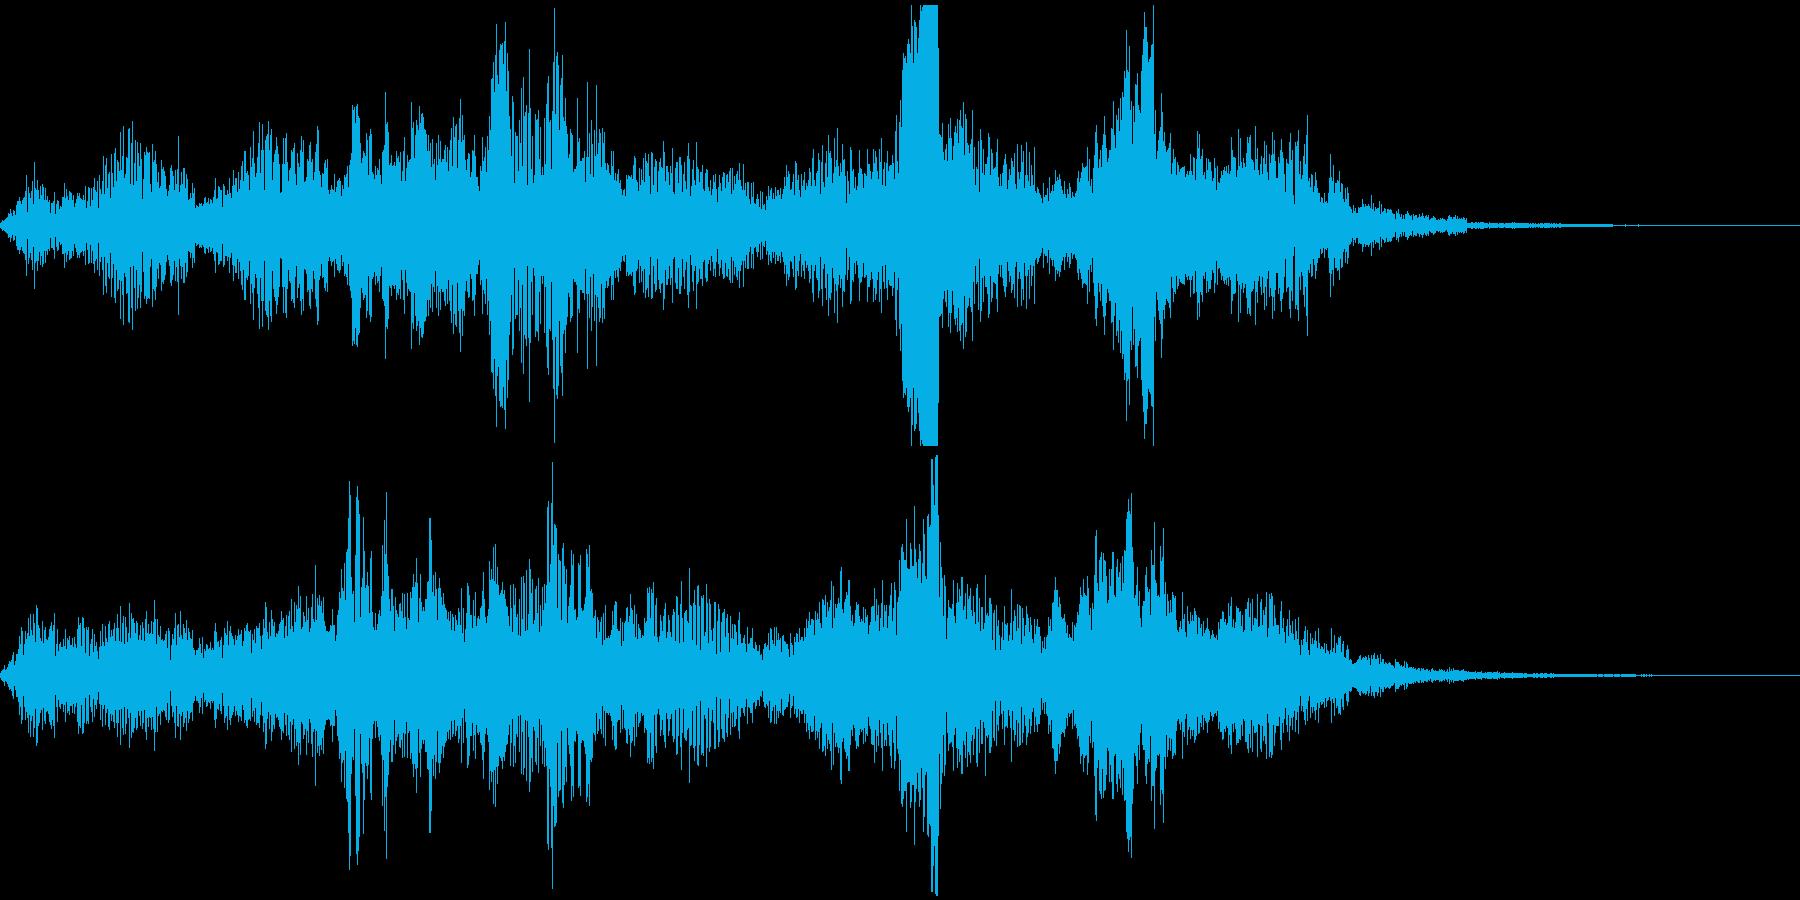 【ゲーム】ダークなフィールド画面に合う音の再生済みの波形